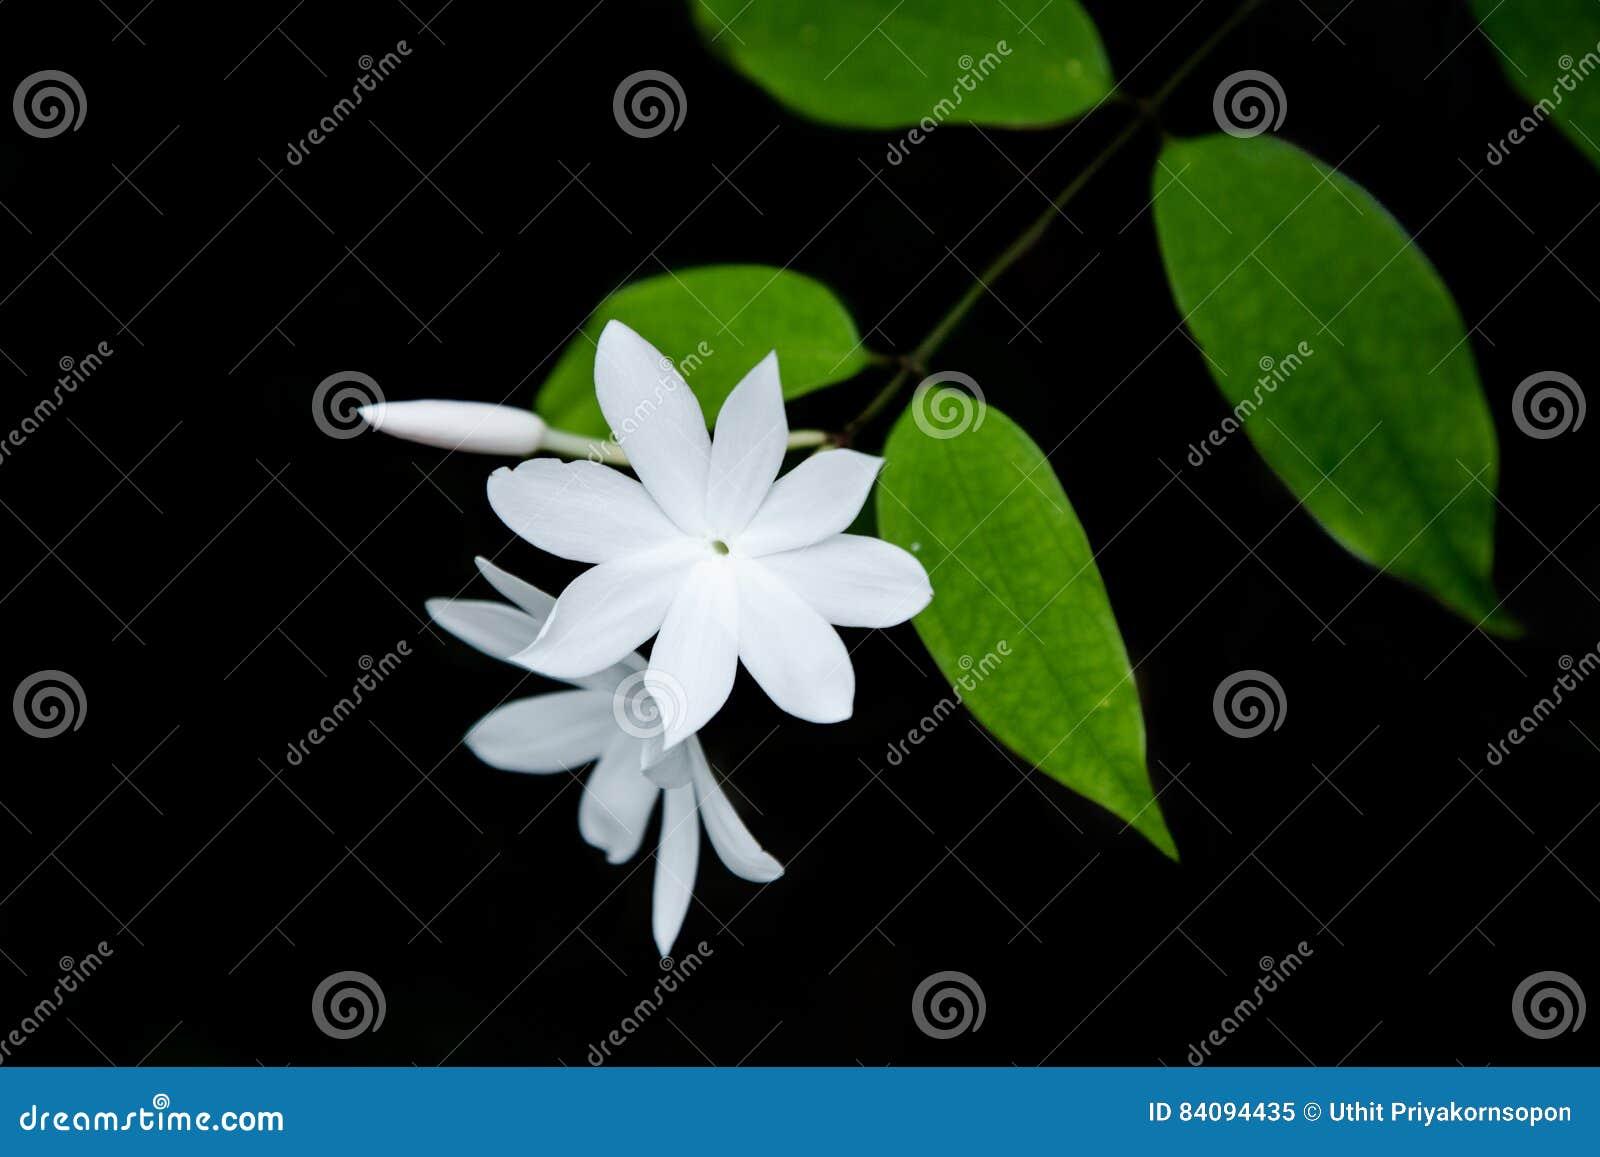 Keucht weiße Blume des Baums